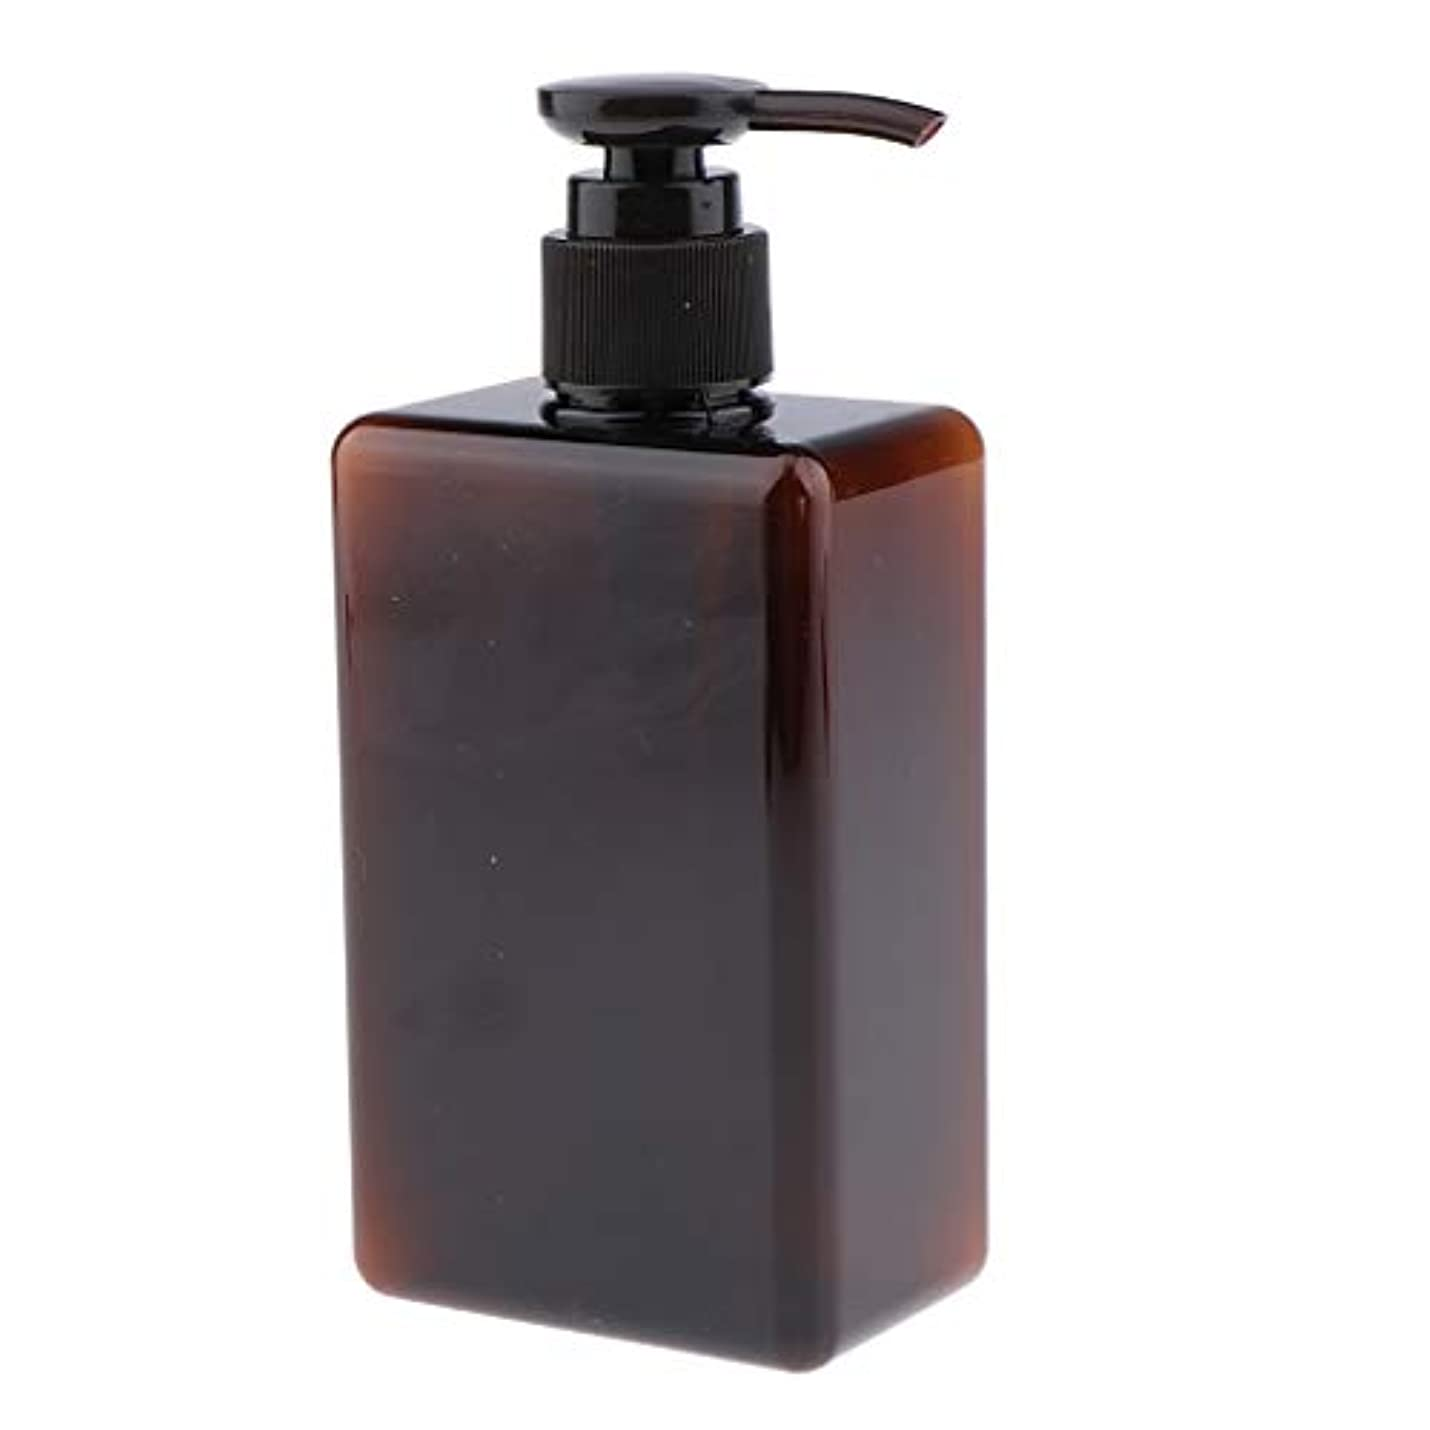 和らげる障害者快適280ml ポンプボトル 空ボトル 詰め替え容器 プラスチックボトル シャンプー 漏れ防止 全4色 - 褐色